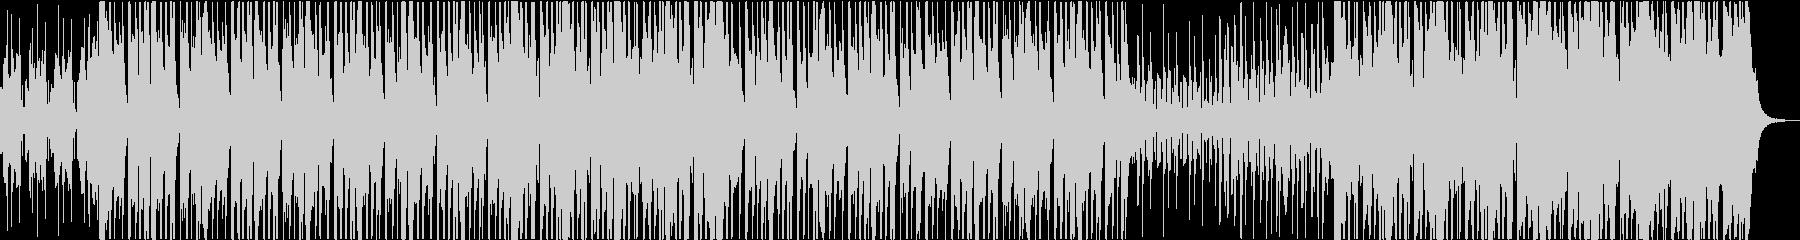 ギャングスタラップ 野生 エキゾチ...の未再生の波形